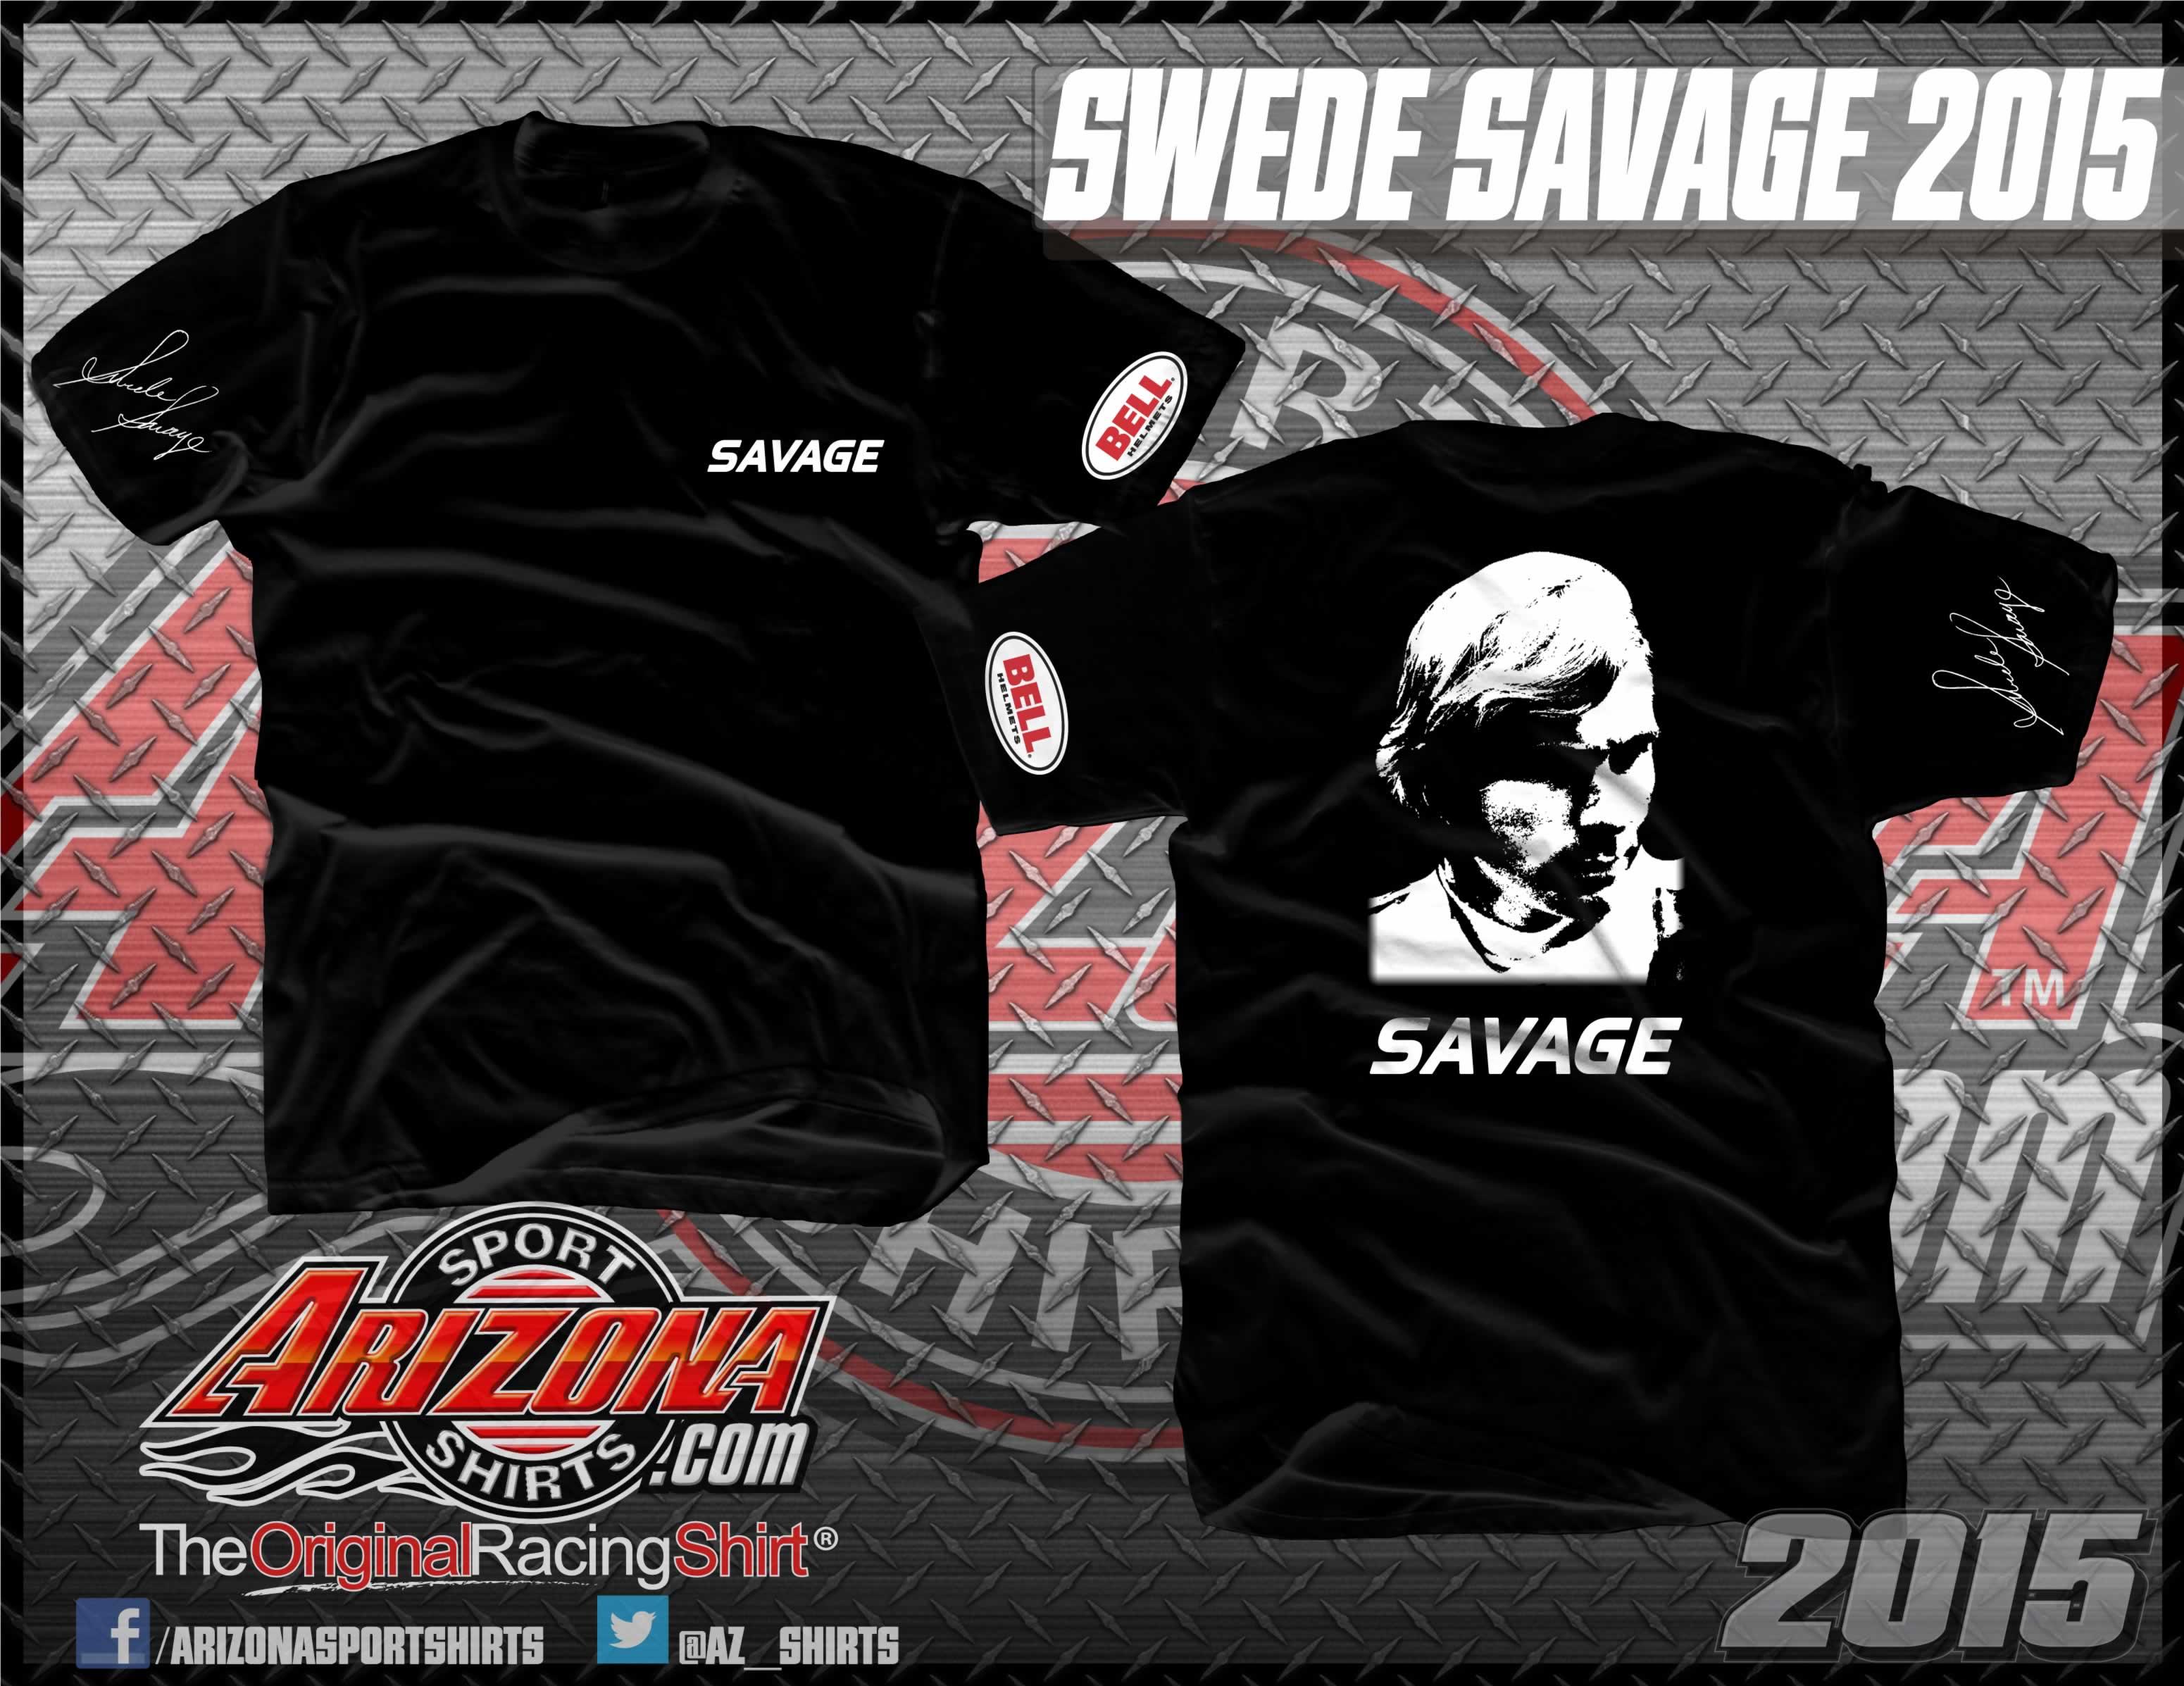 savage_mockup_2015b